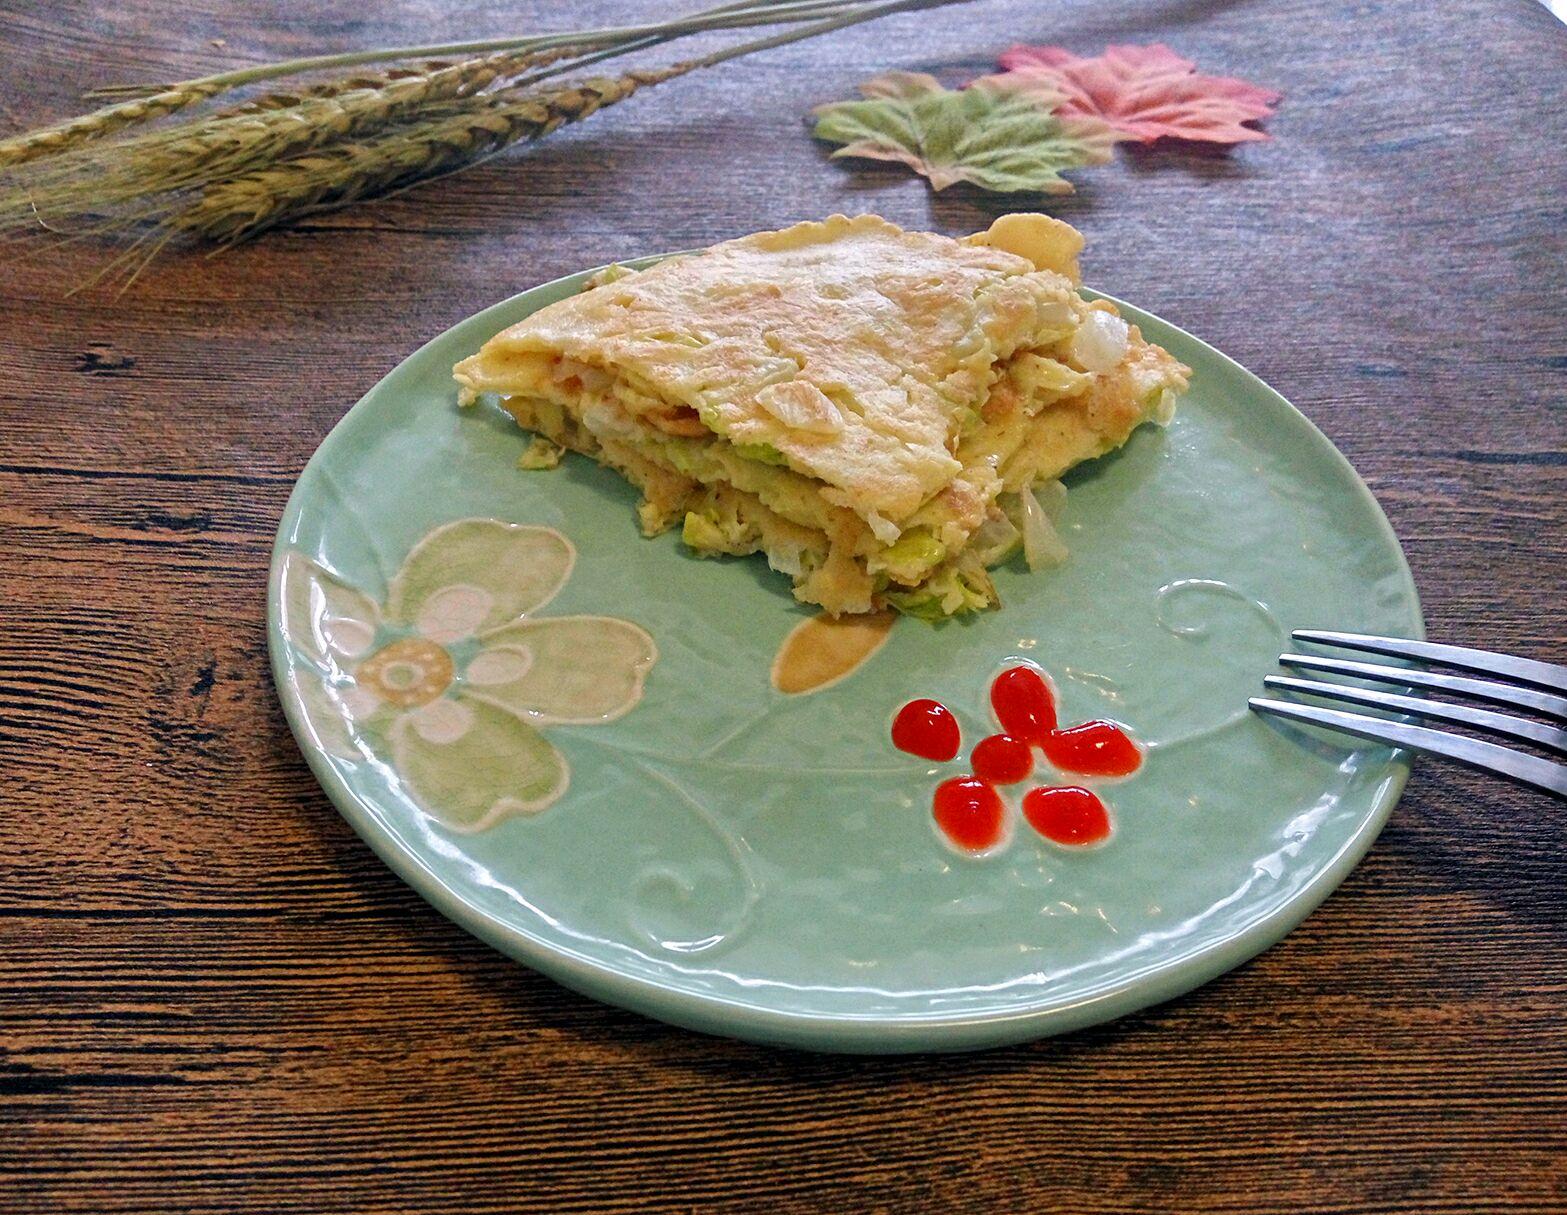 白菜煎饼的做法步骤